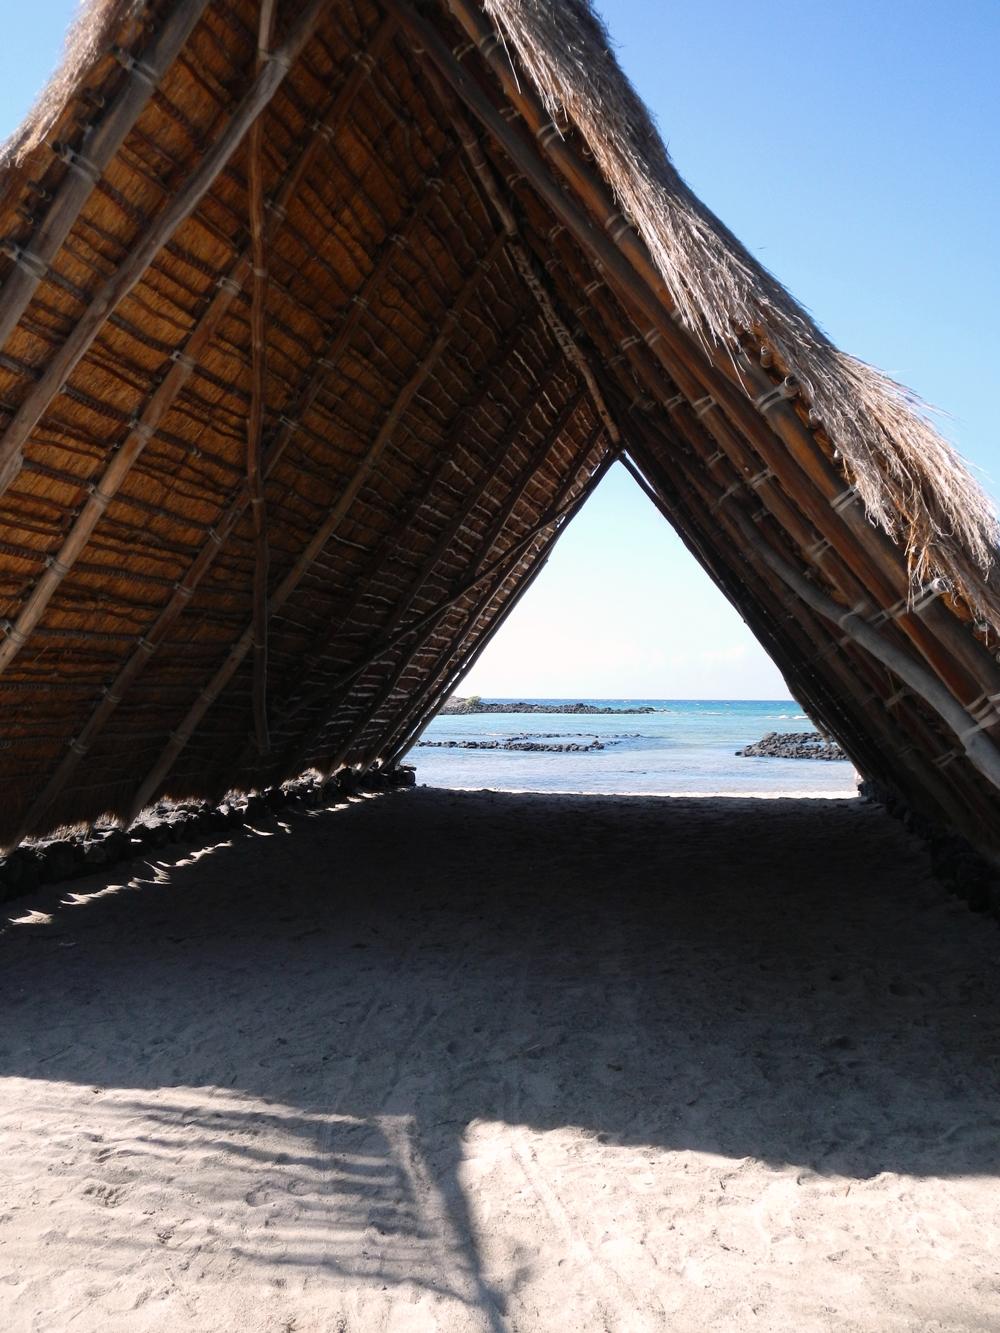 ai-opio beach hut